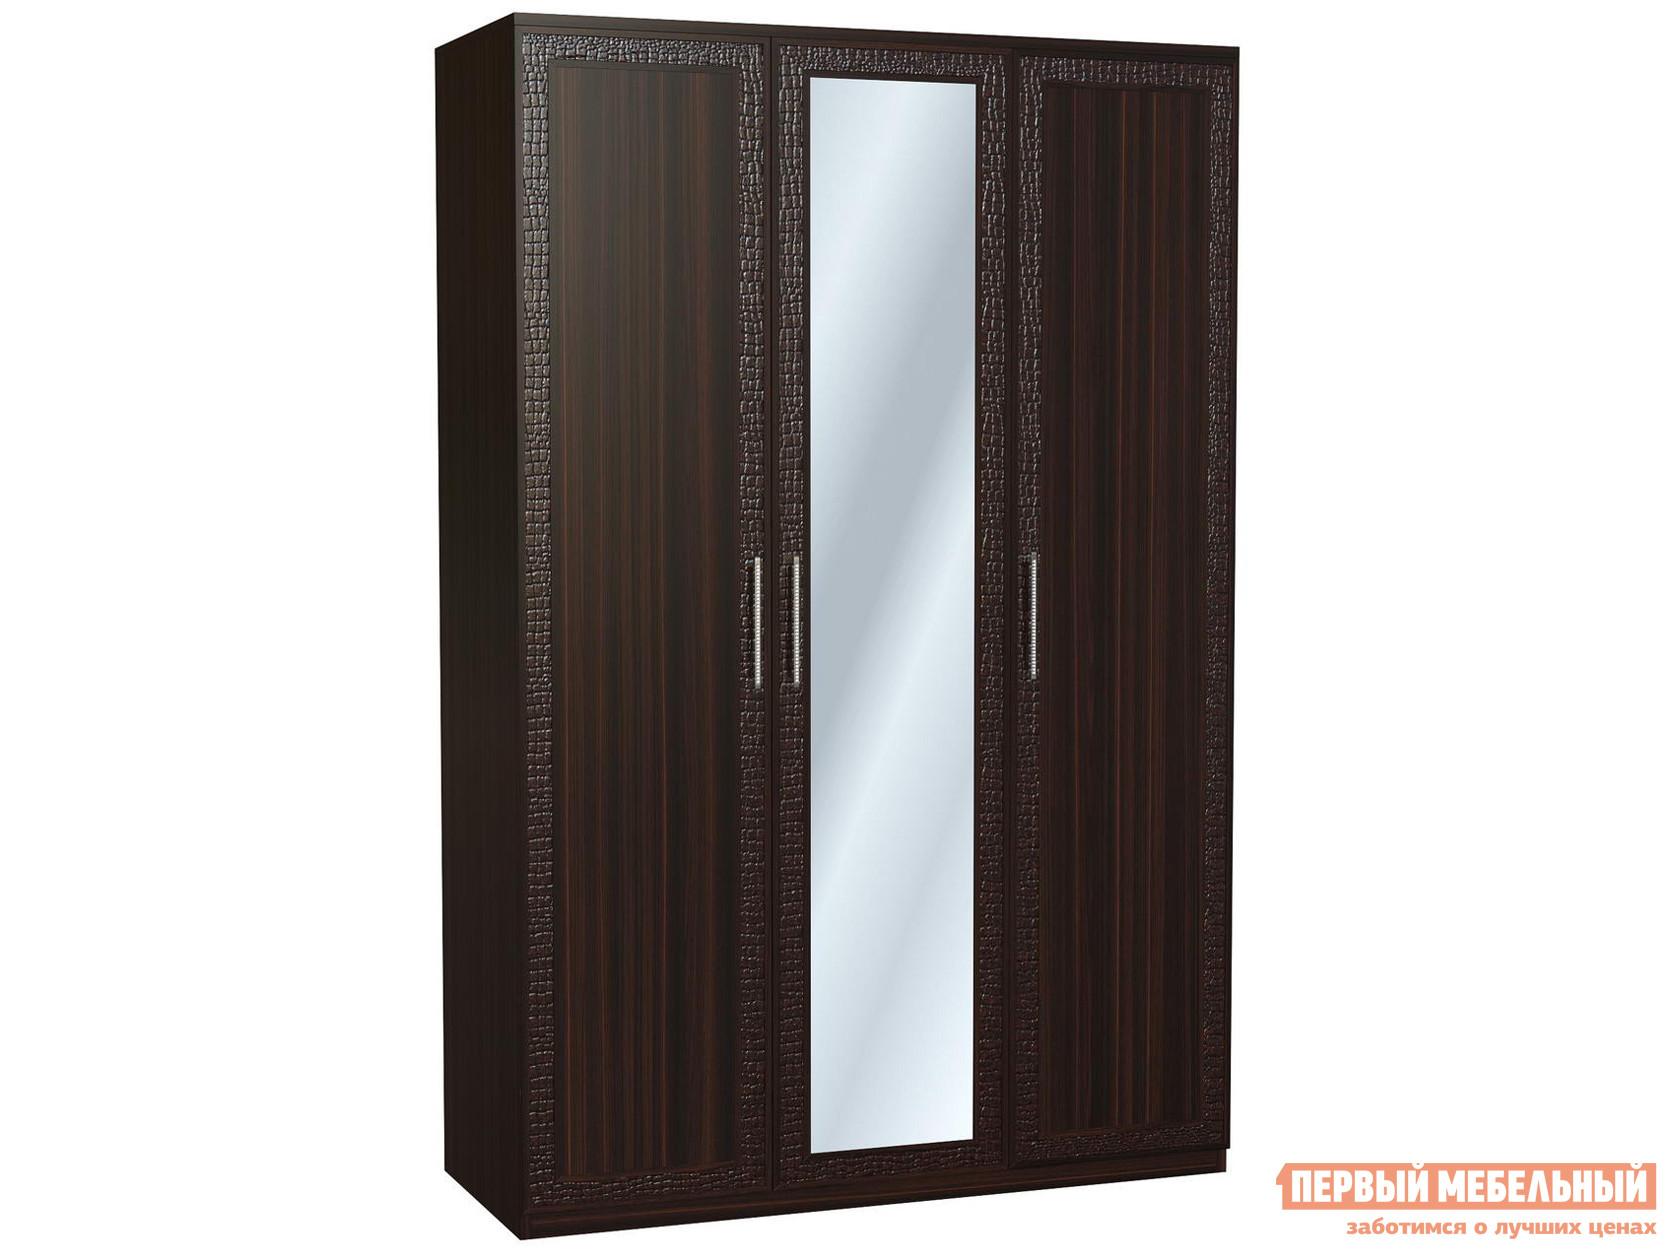 Распашной шкаф трехстворчатый Первый Мебельный Тоскана Ш3 с зеркалом распашной шкаф первый мебельный тоскана 4